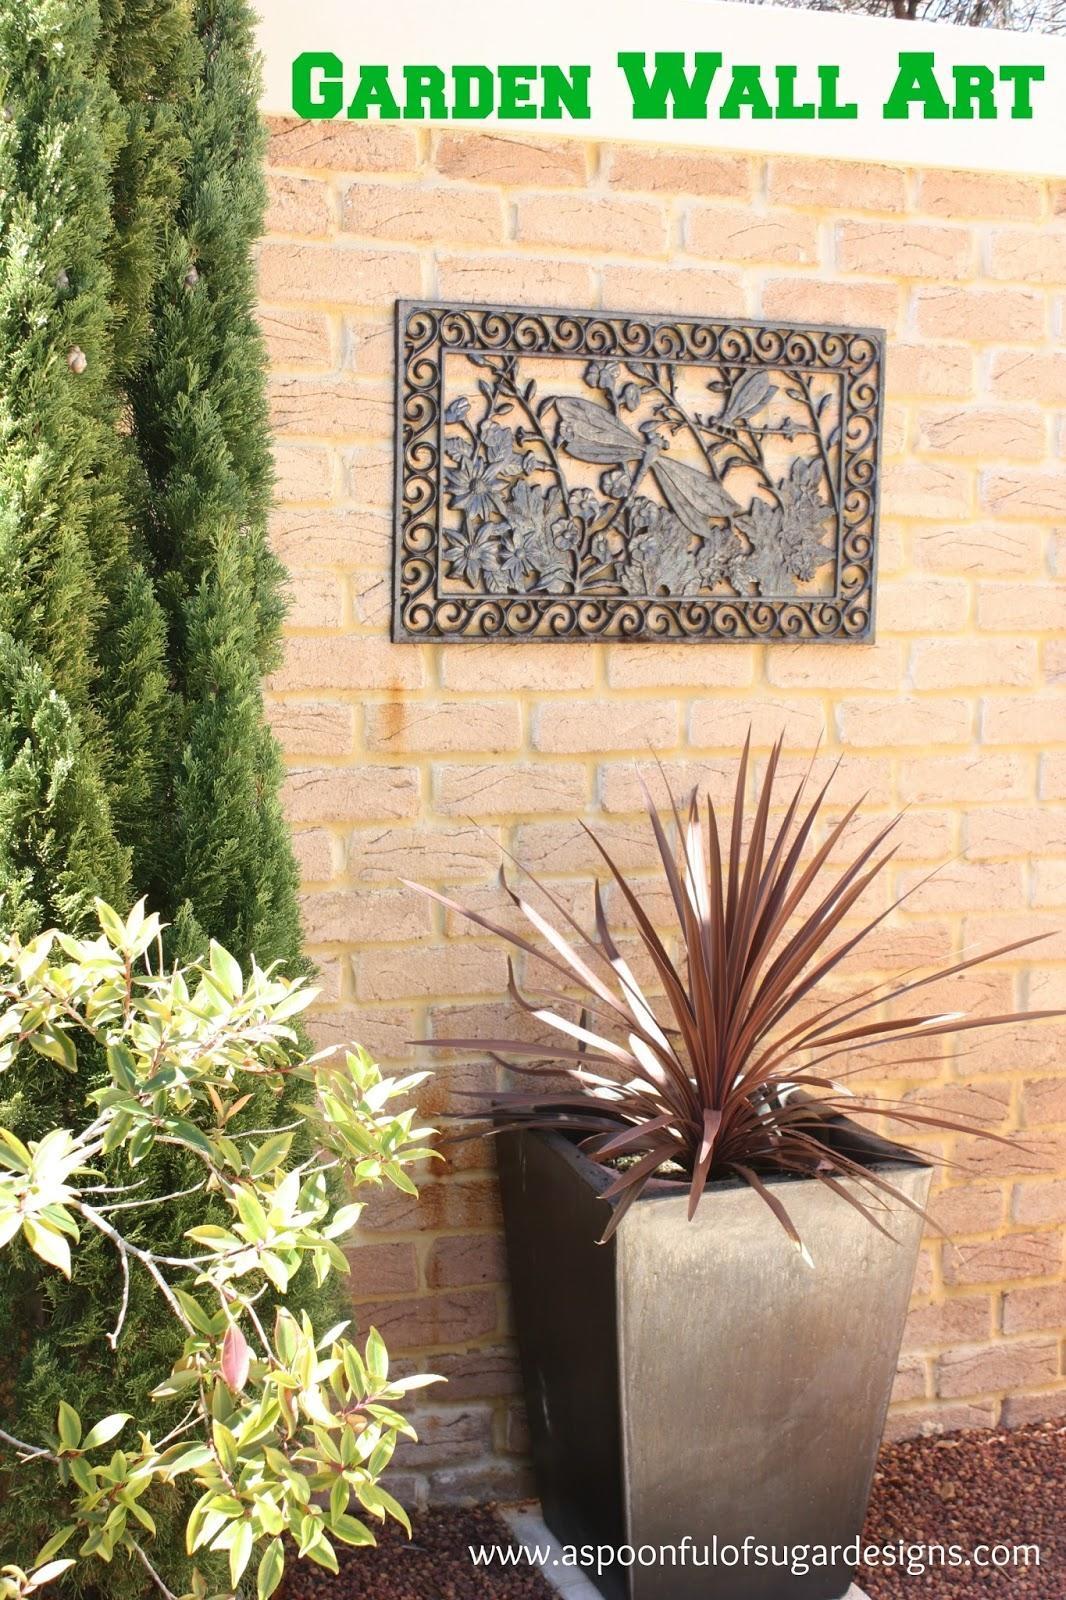 Garden Wall Art - A Spoonful Of Sugar inside Garden Wall Art